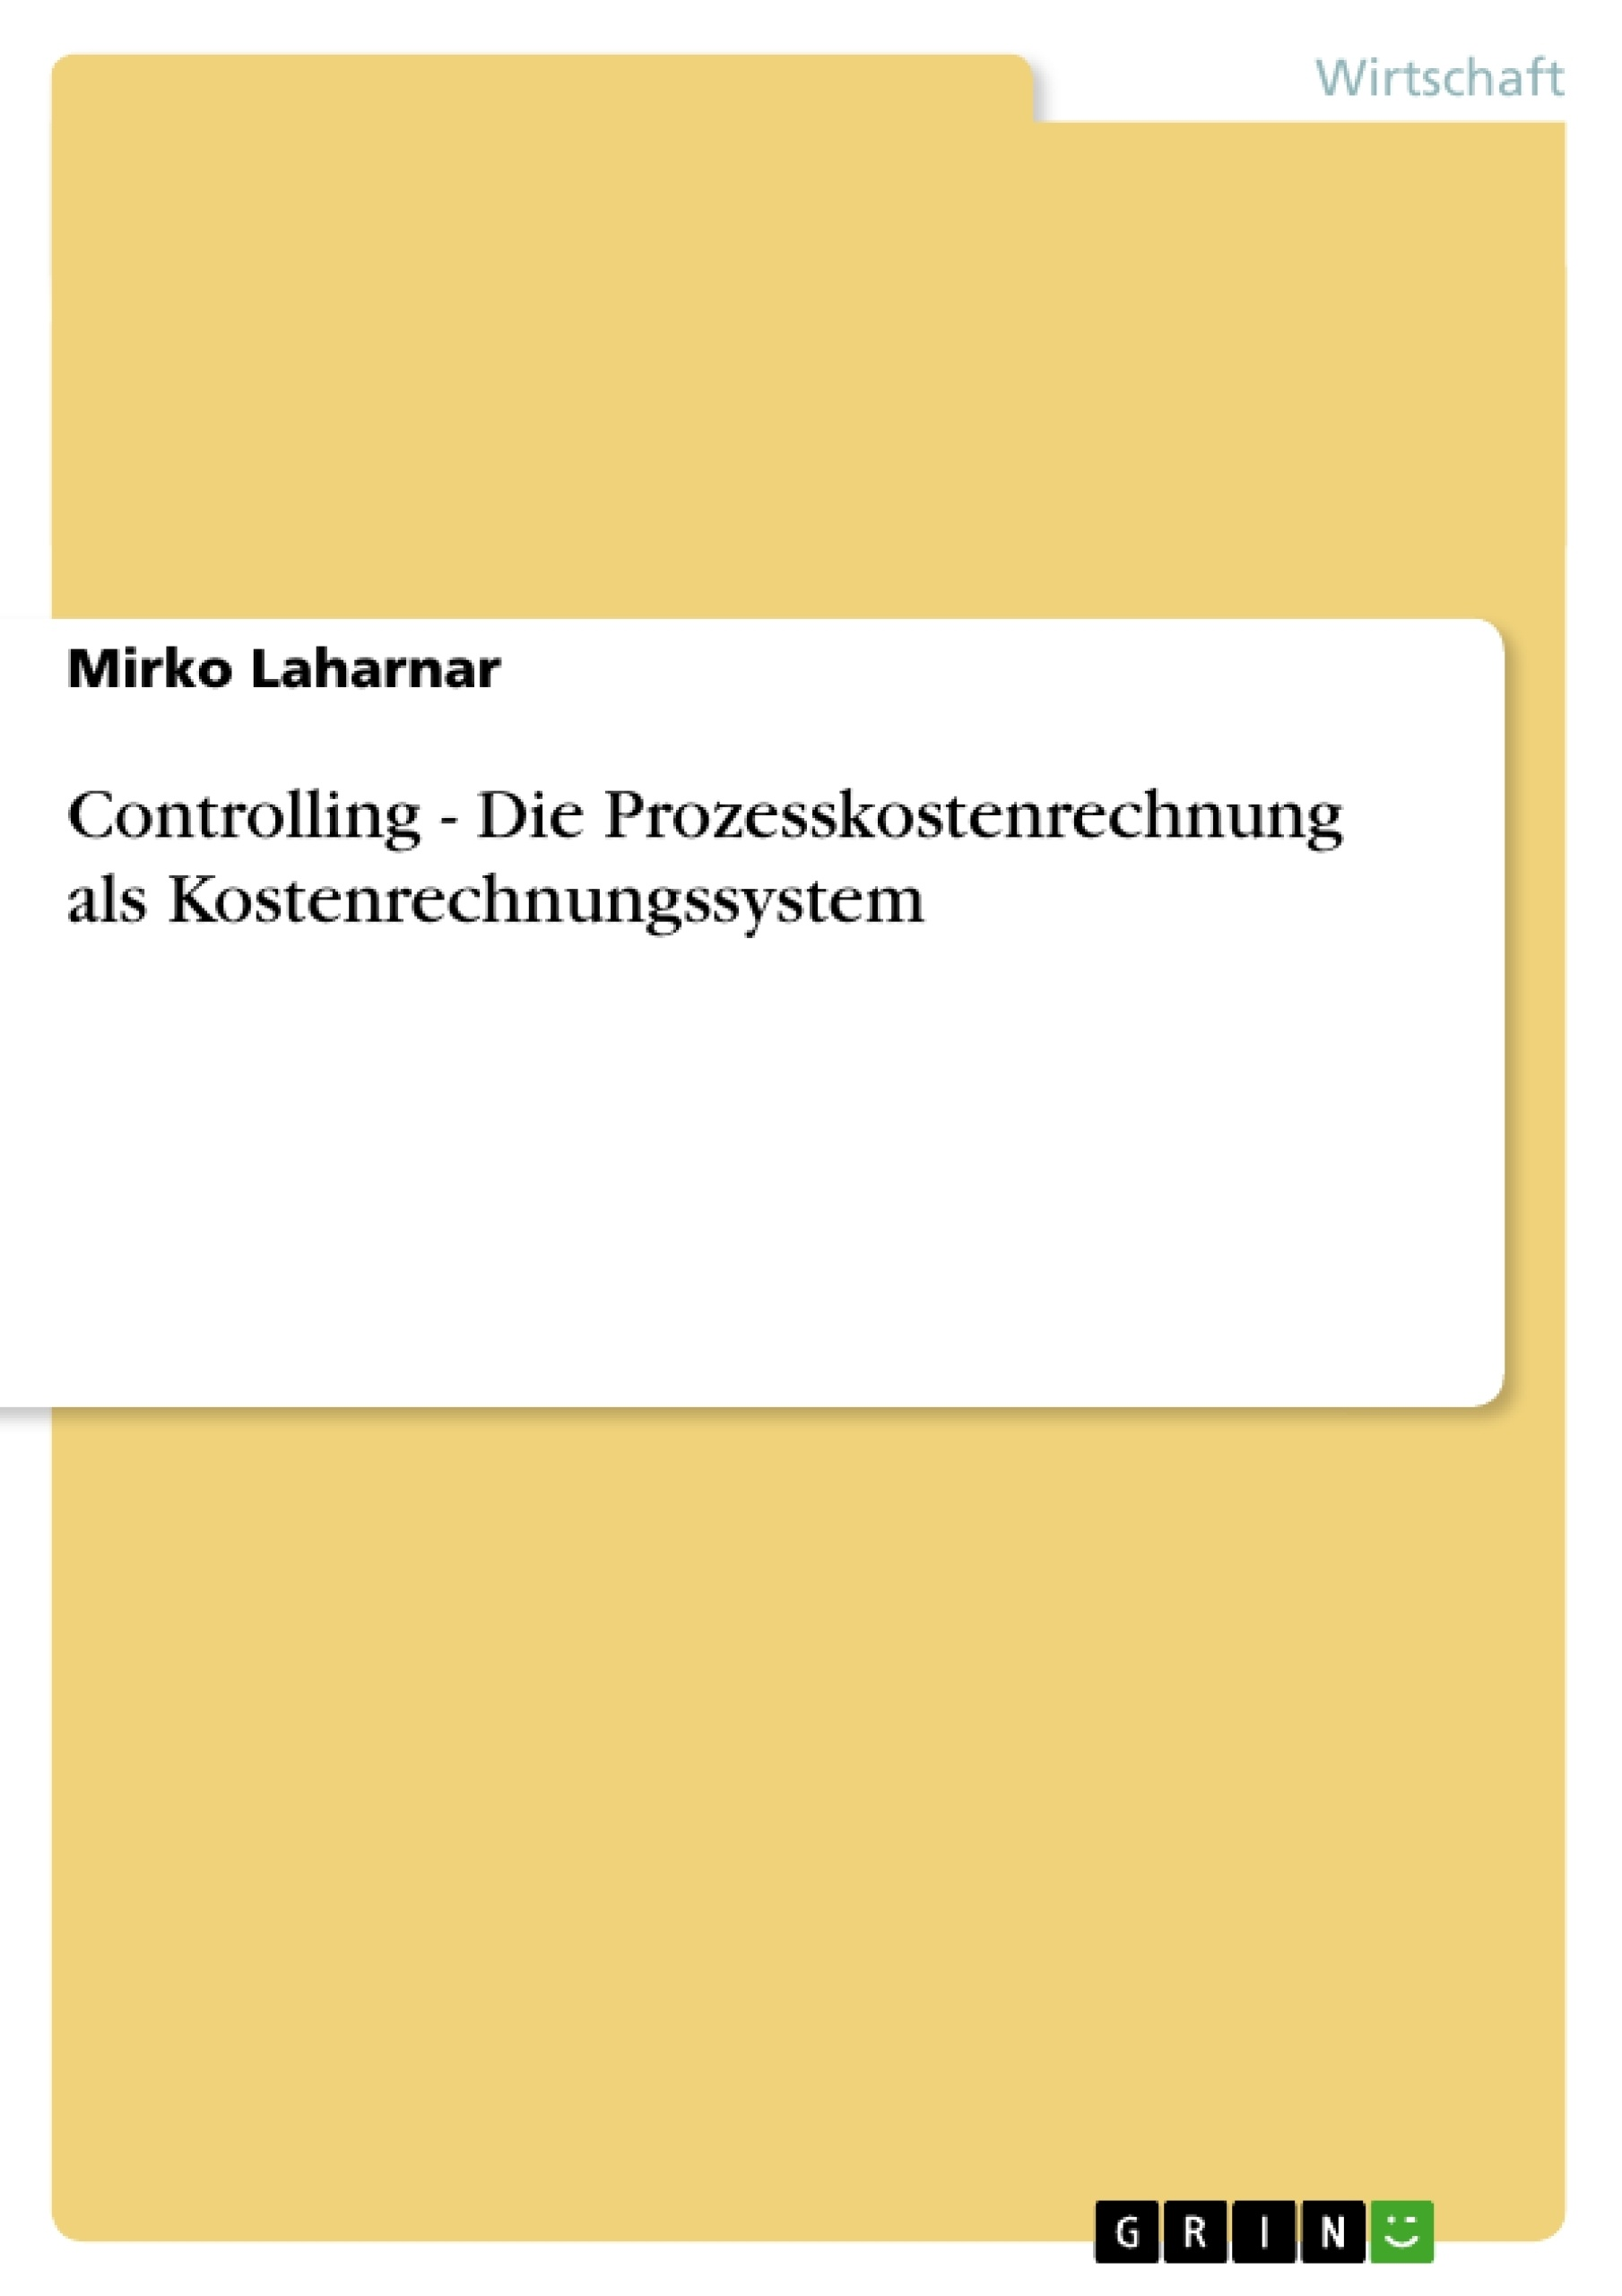 Titel: Controlling - Die Prozesskostenrechnung als Kostenrechnungssystem